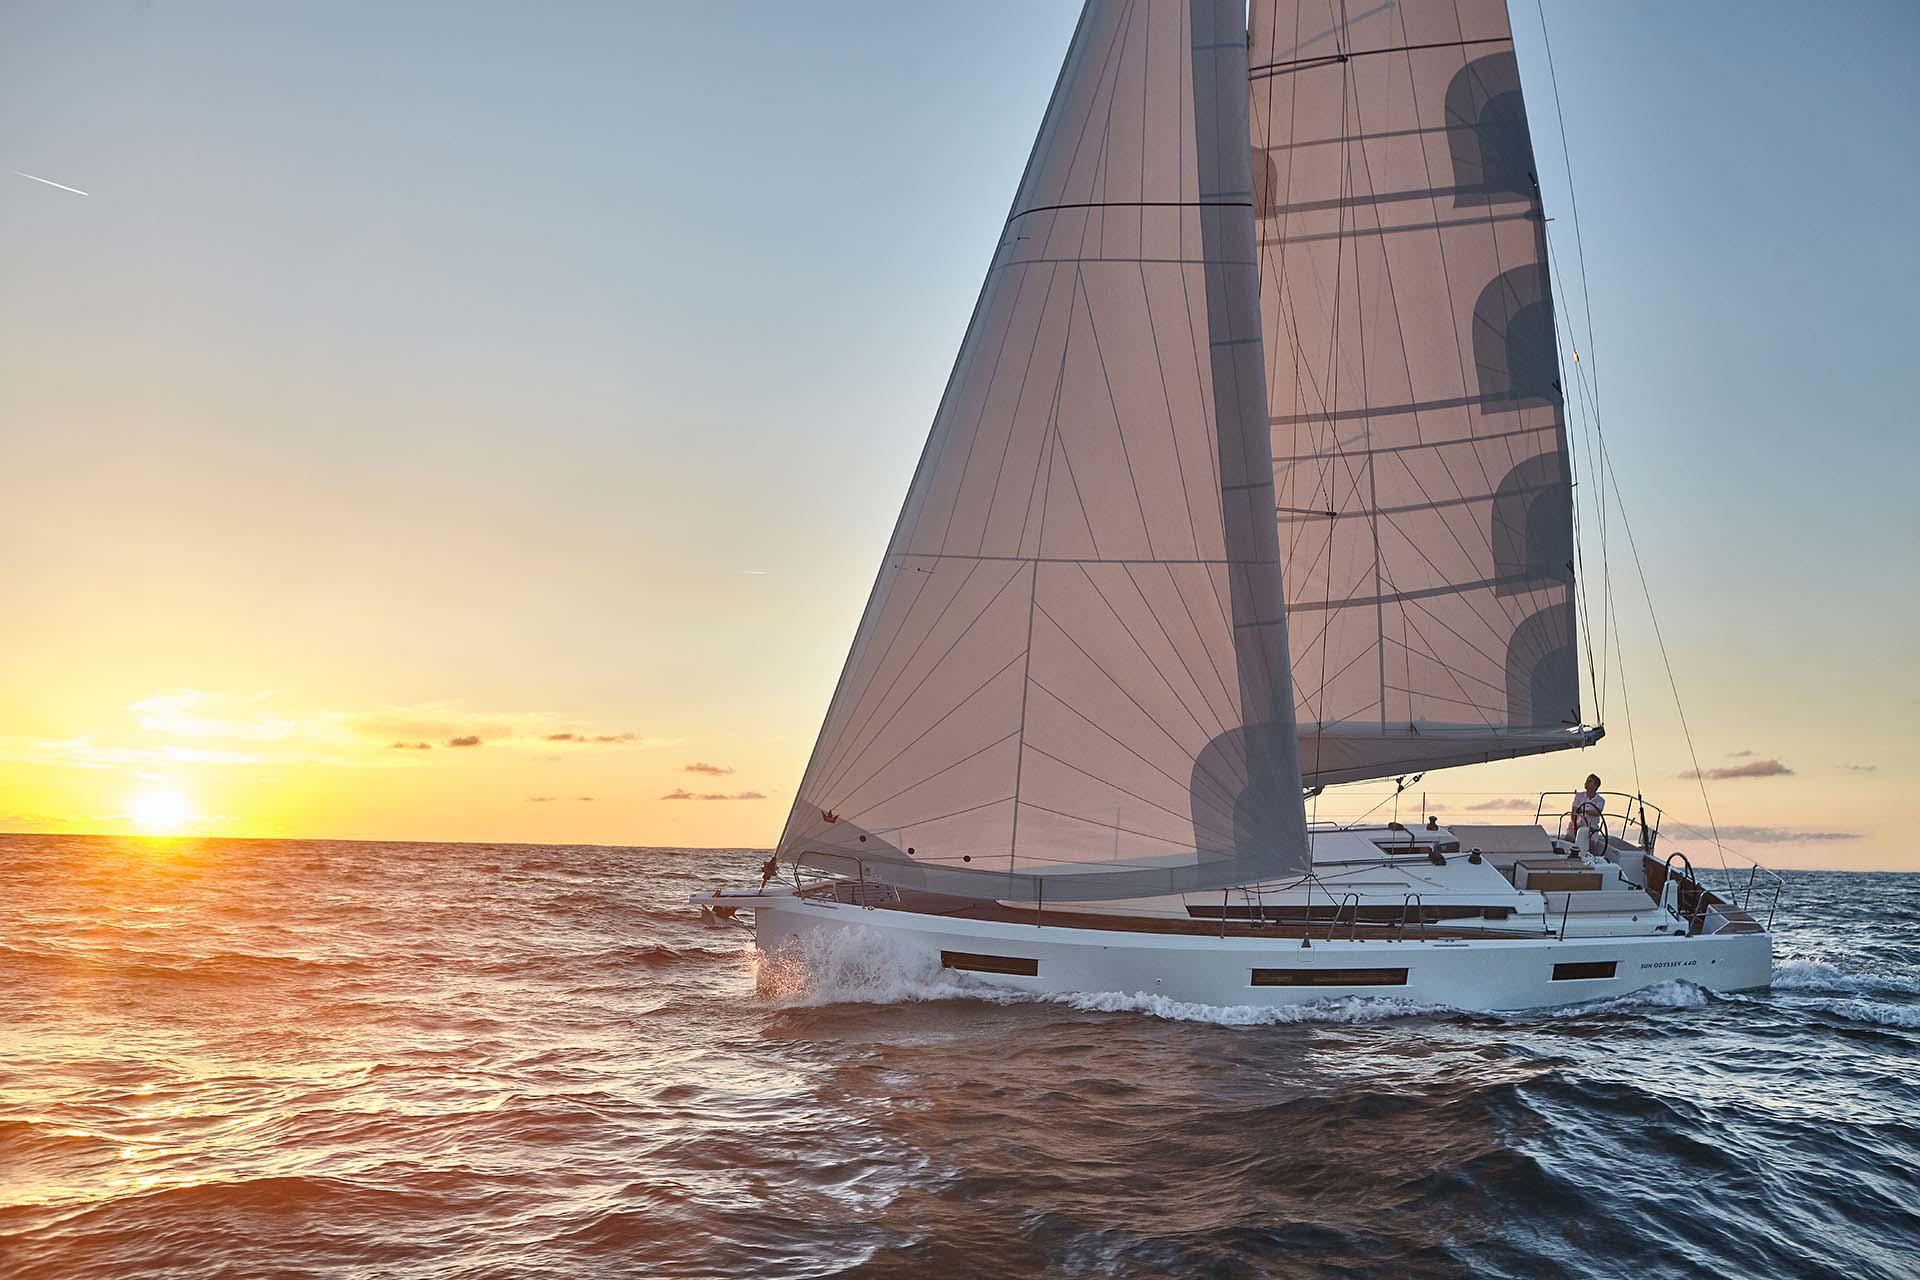 Jeanneau Sun Odyssey 440 cruising